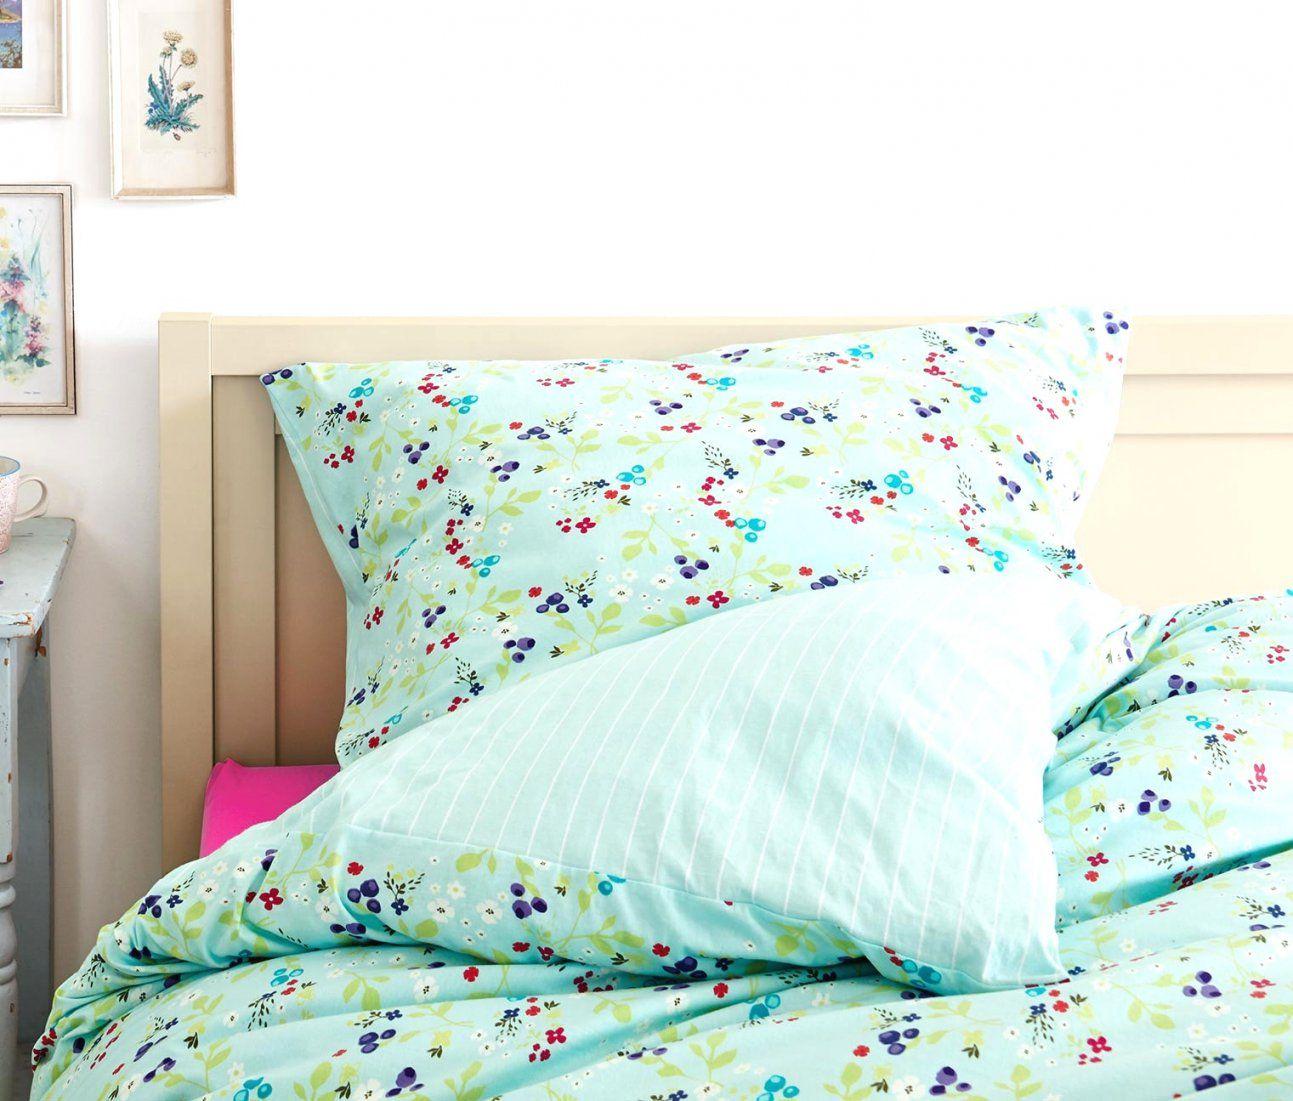 Atemberaubende Ideen Tchibo Bettwäsche Übergröße Und Günstige Jersey von Tchibo Bettwäsche Übergröße Bild